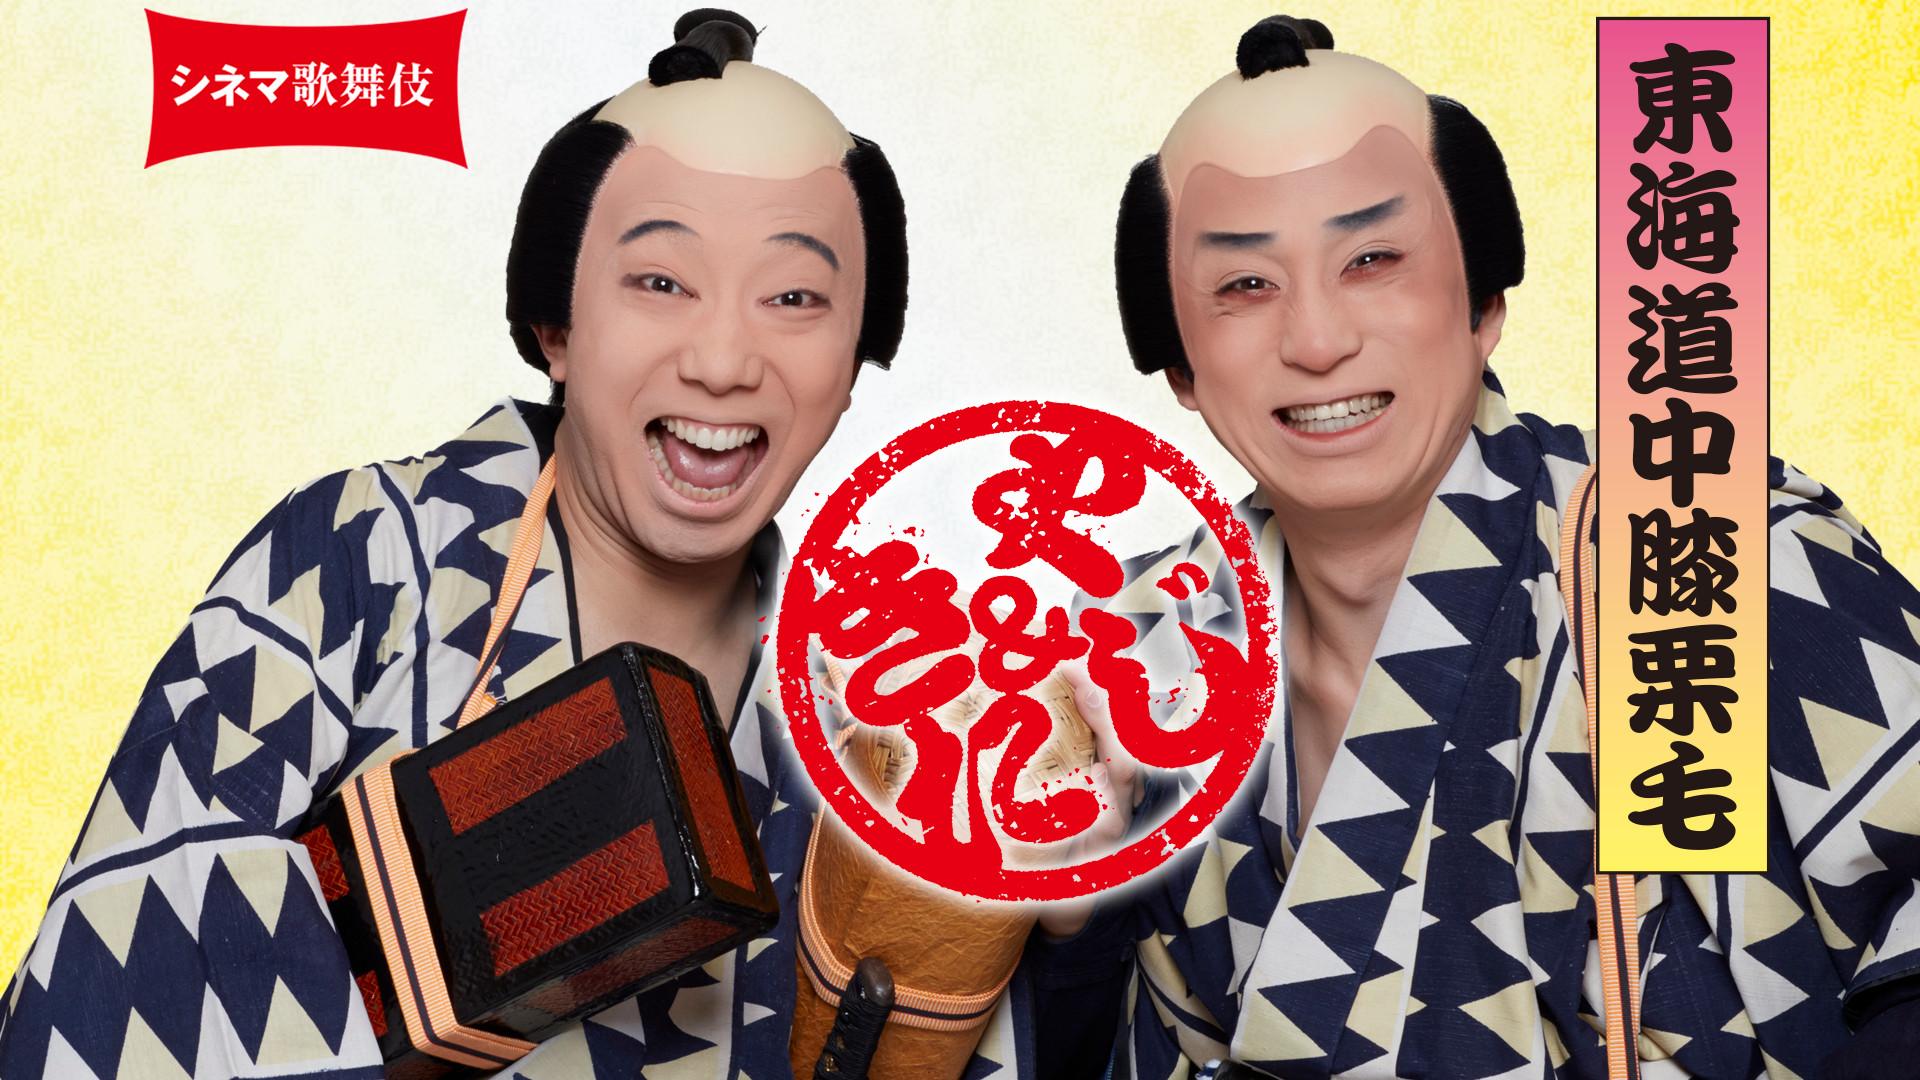 シネマ歌舞伎「東海道中膝栗毛」